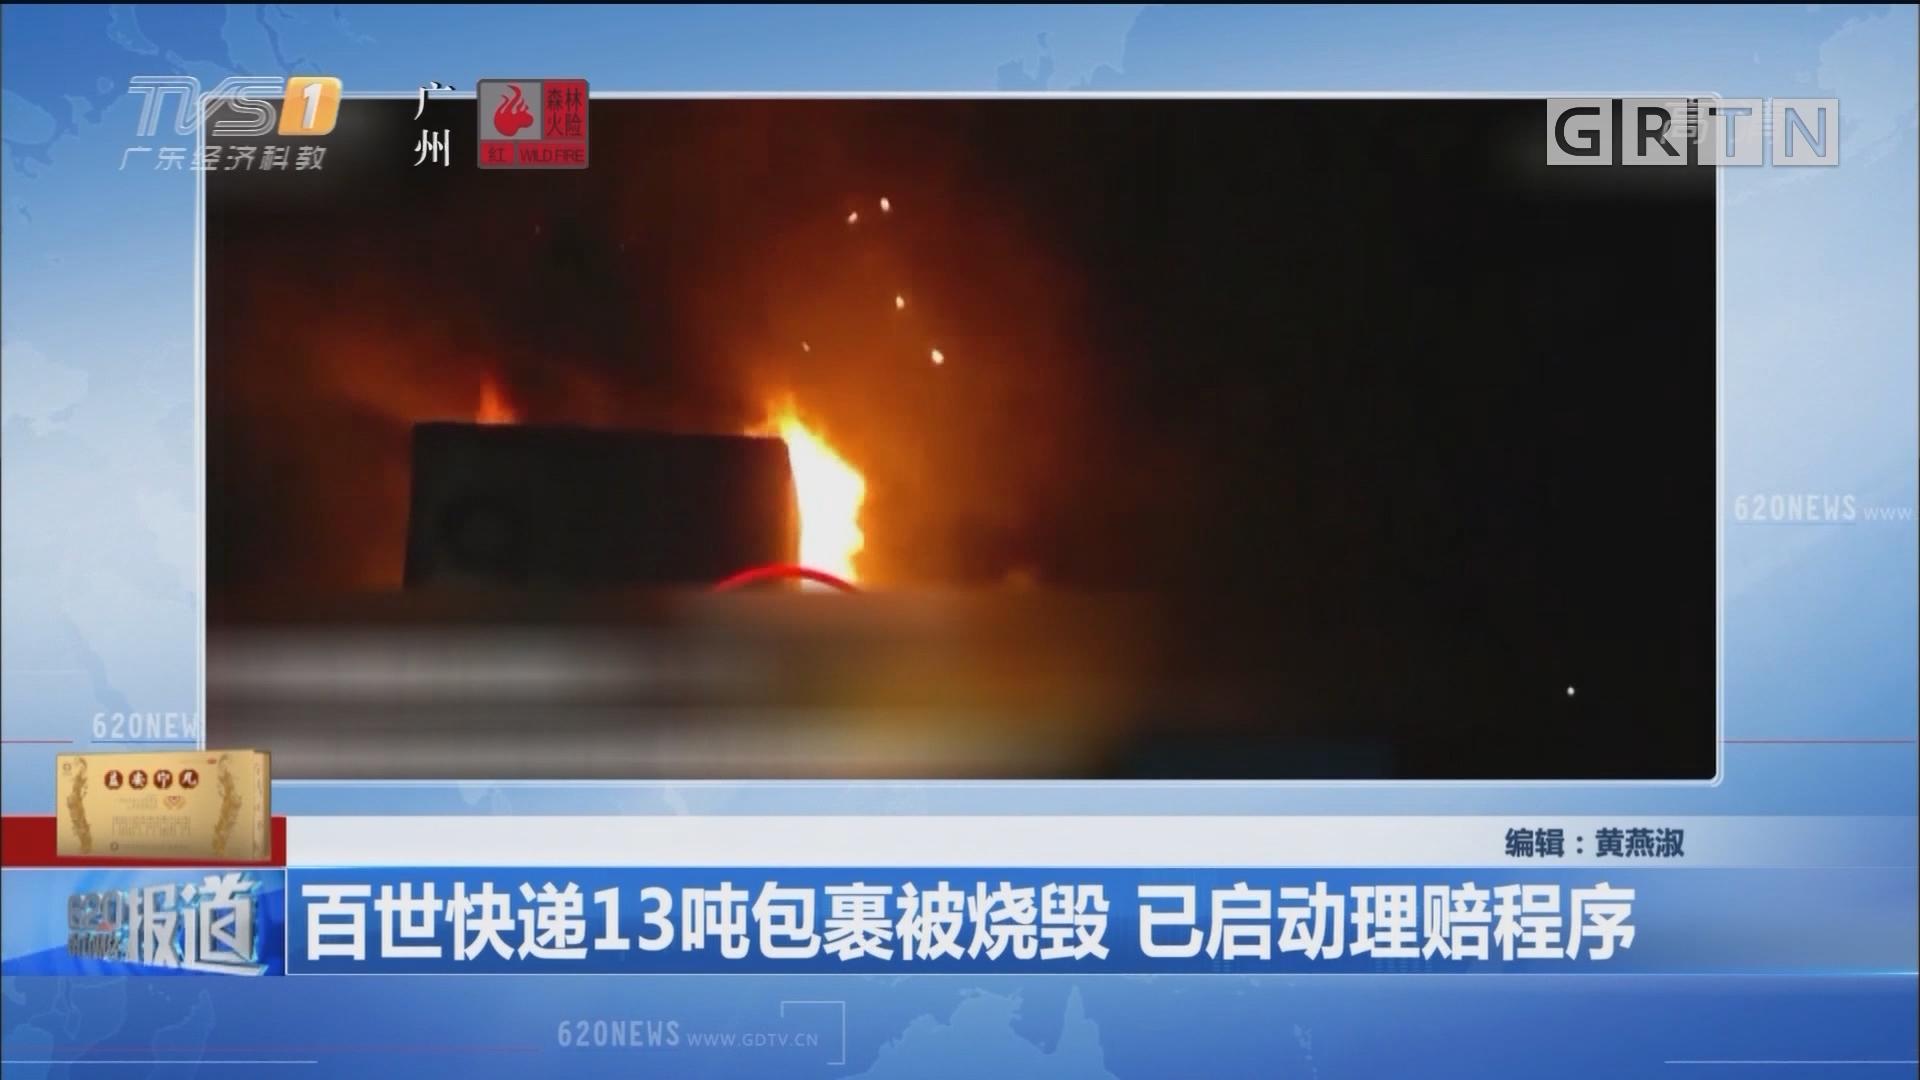 百世快遞13噸包裹被燒毀 已啟動理賠程序